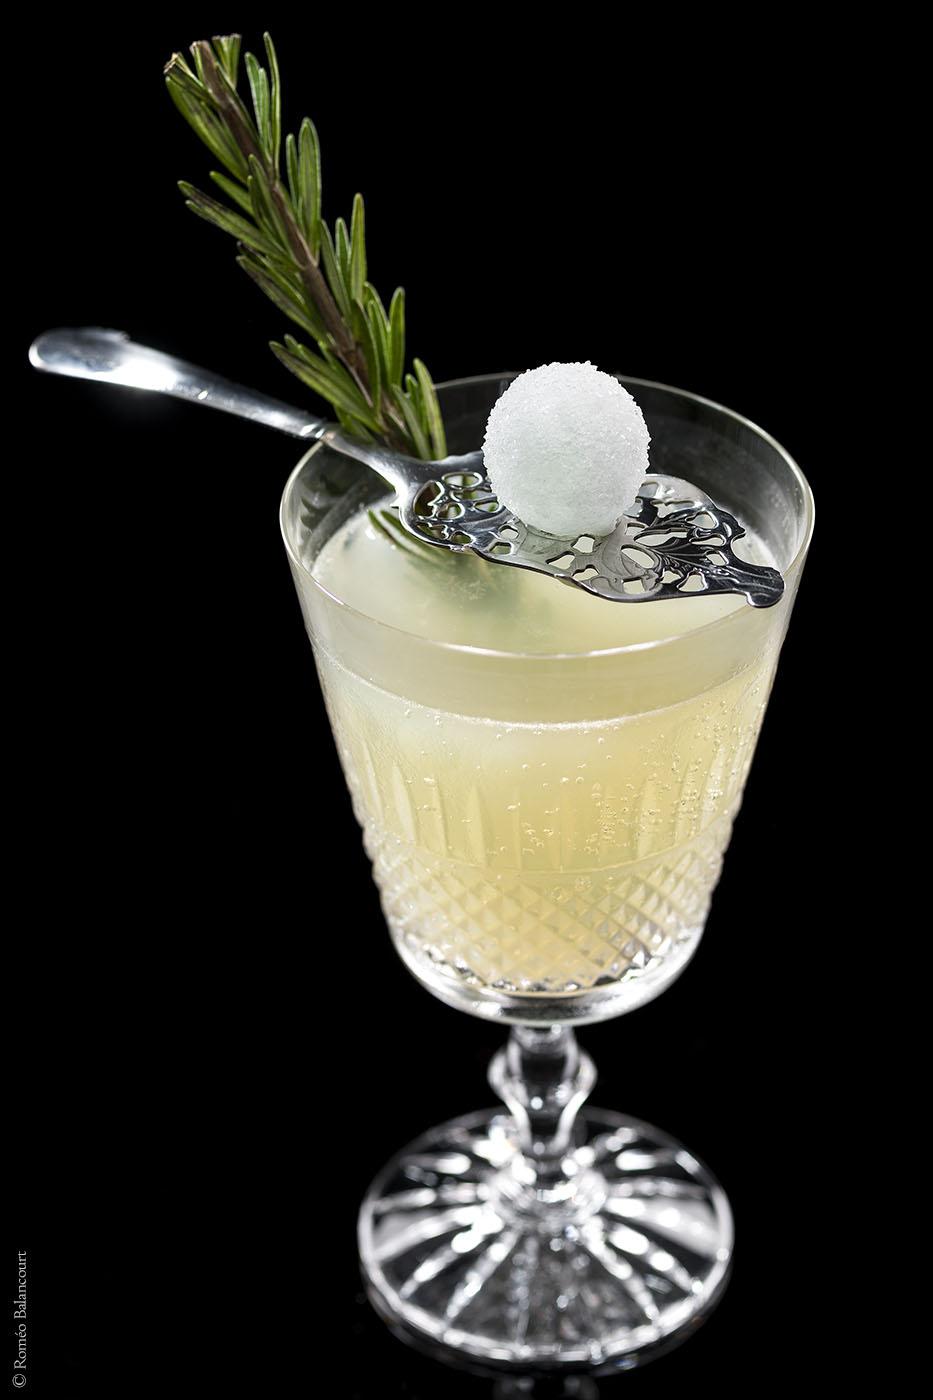 cocktail-la-main-verte-le-bar-botaniste-shangri-la-hotel-paris-r